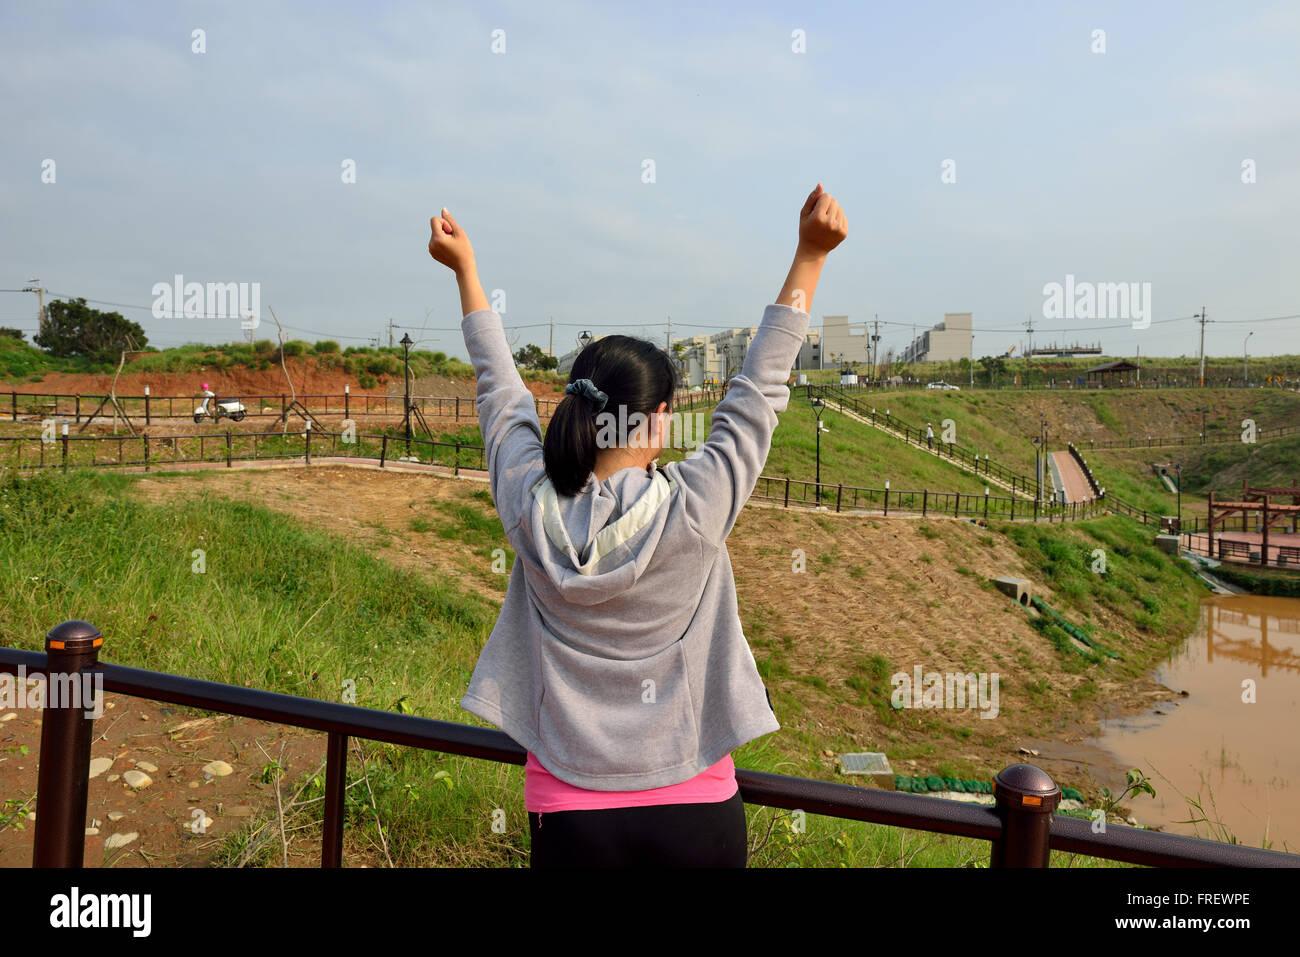 Woman standing with hands up /Avenir / liberté / espoir / concept de réussite Photo Stock